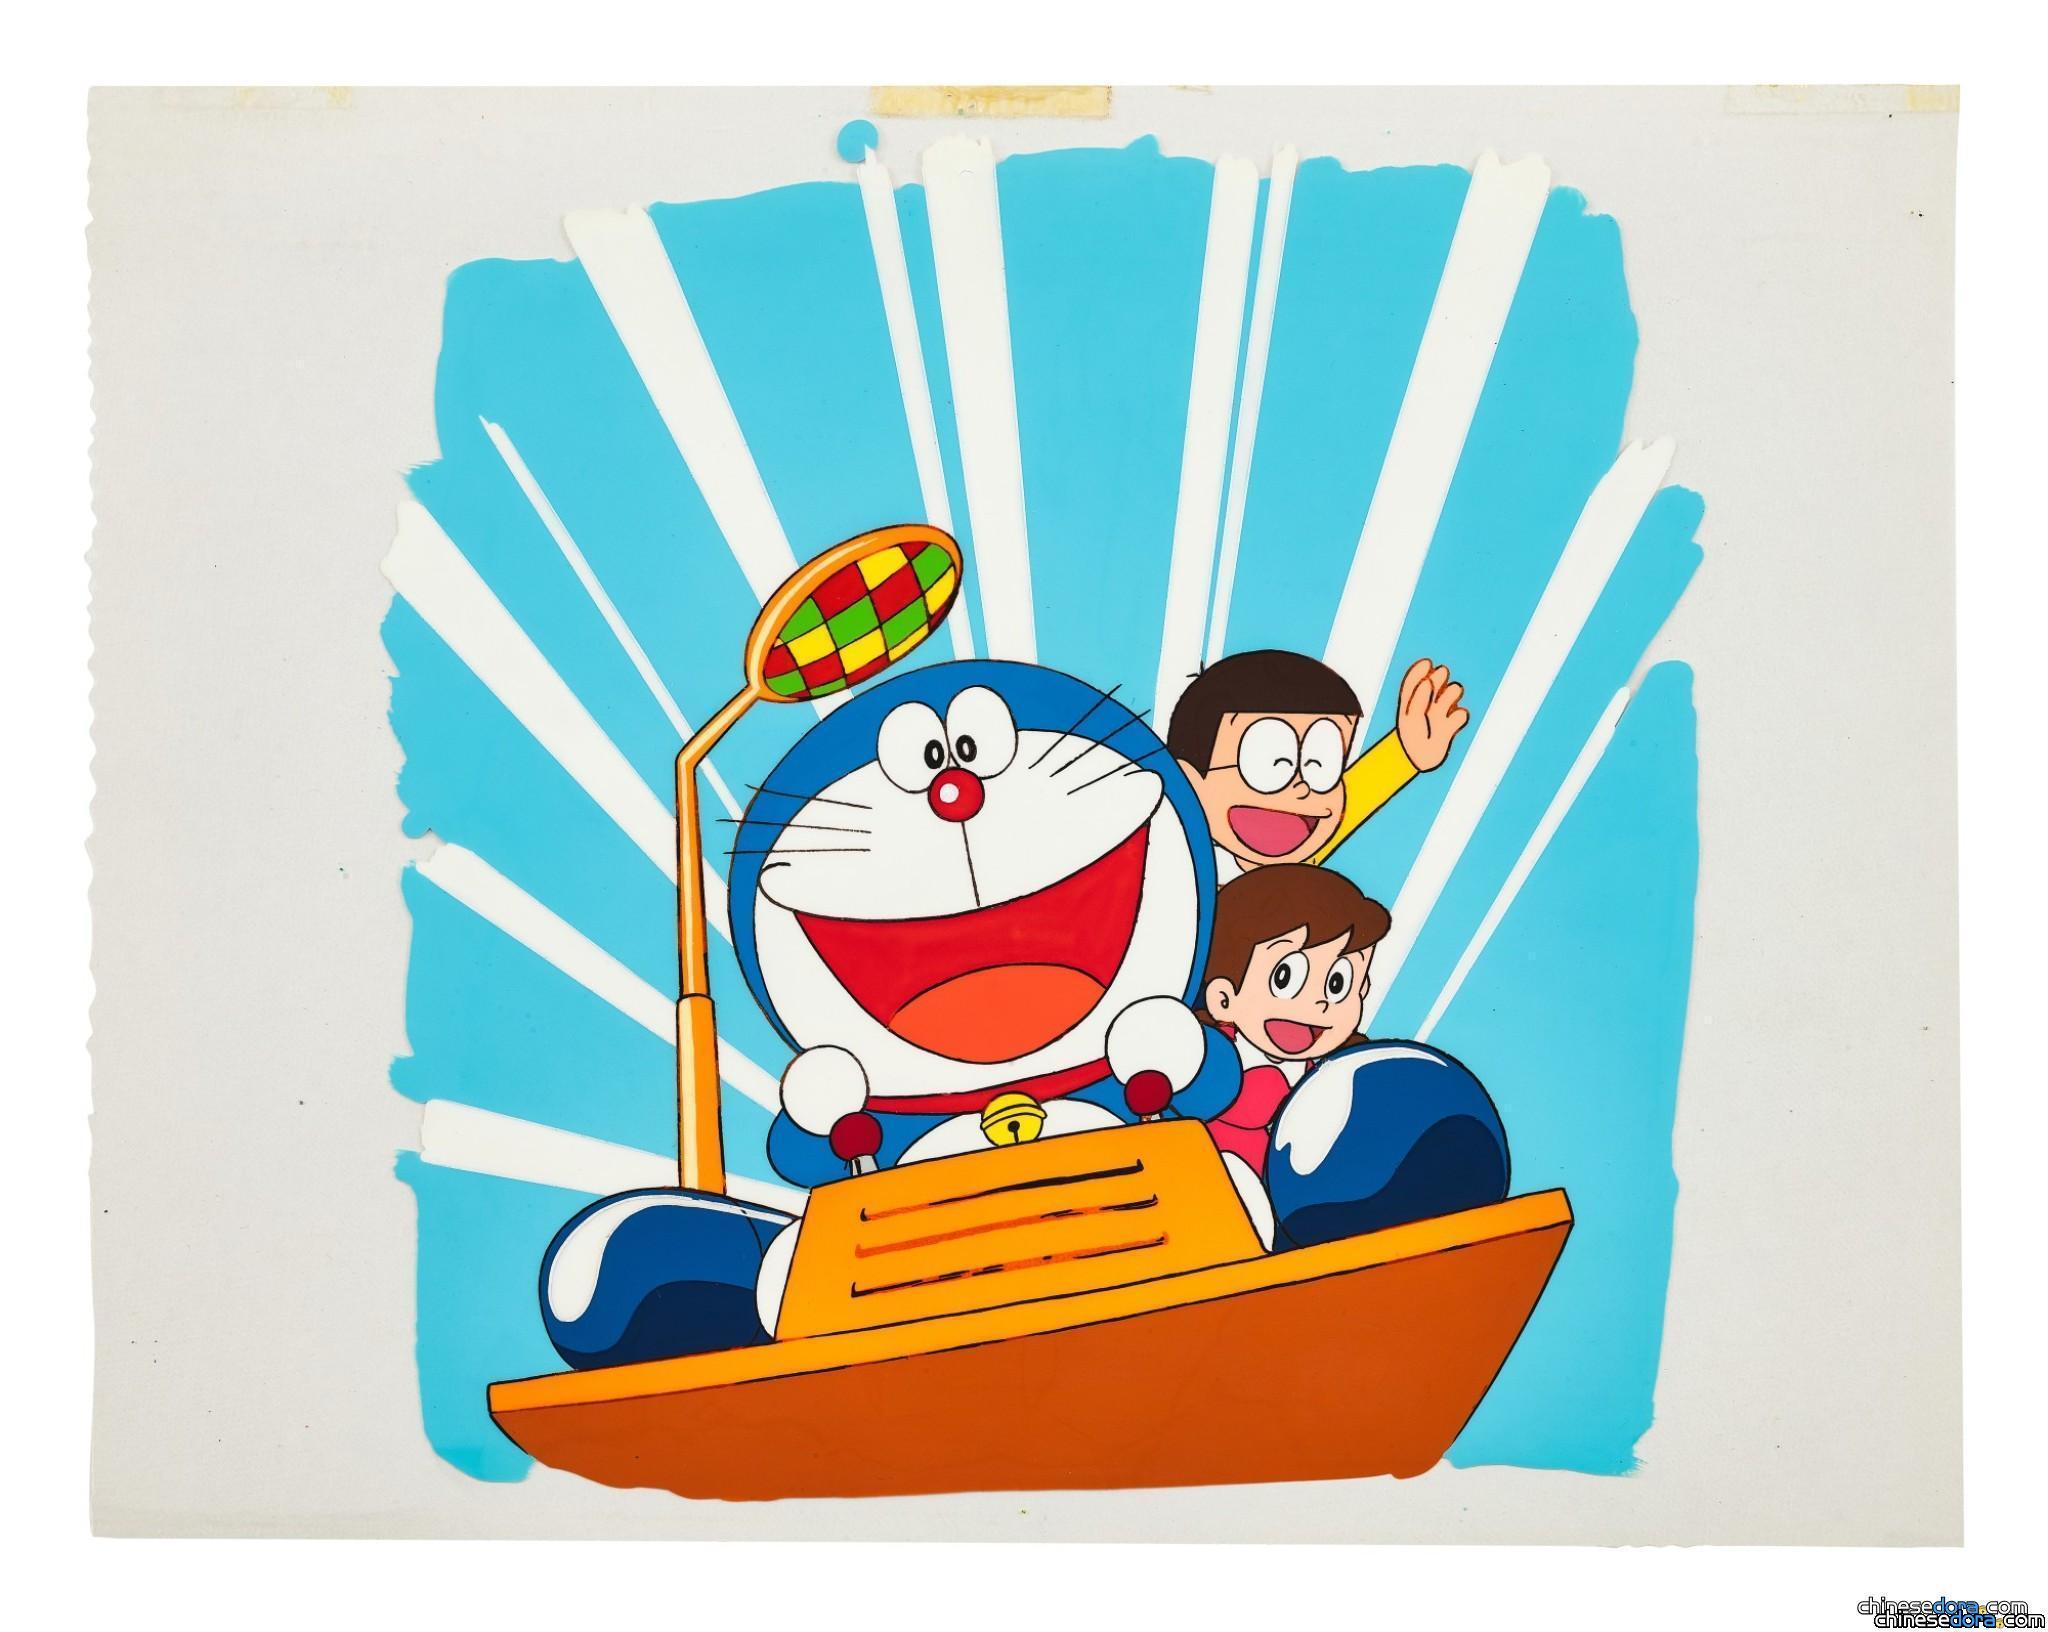 [香港] 多啦A夢罕有手繪.動畫手稿曝光 蘇富比拍賣會「Manga」展銷.網售